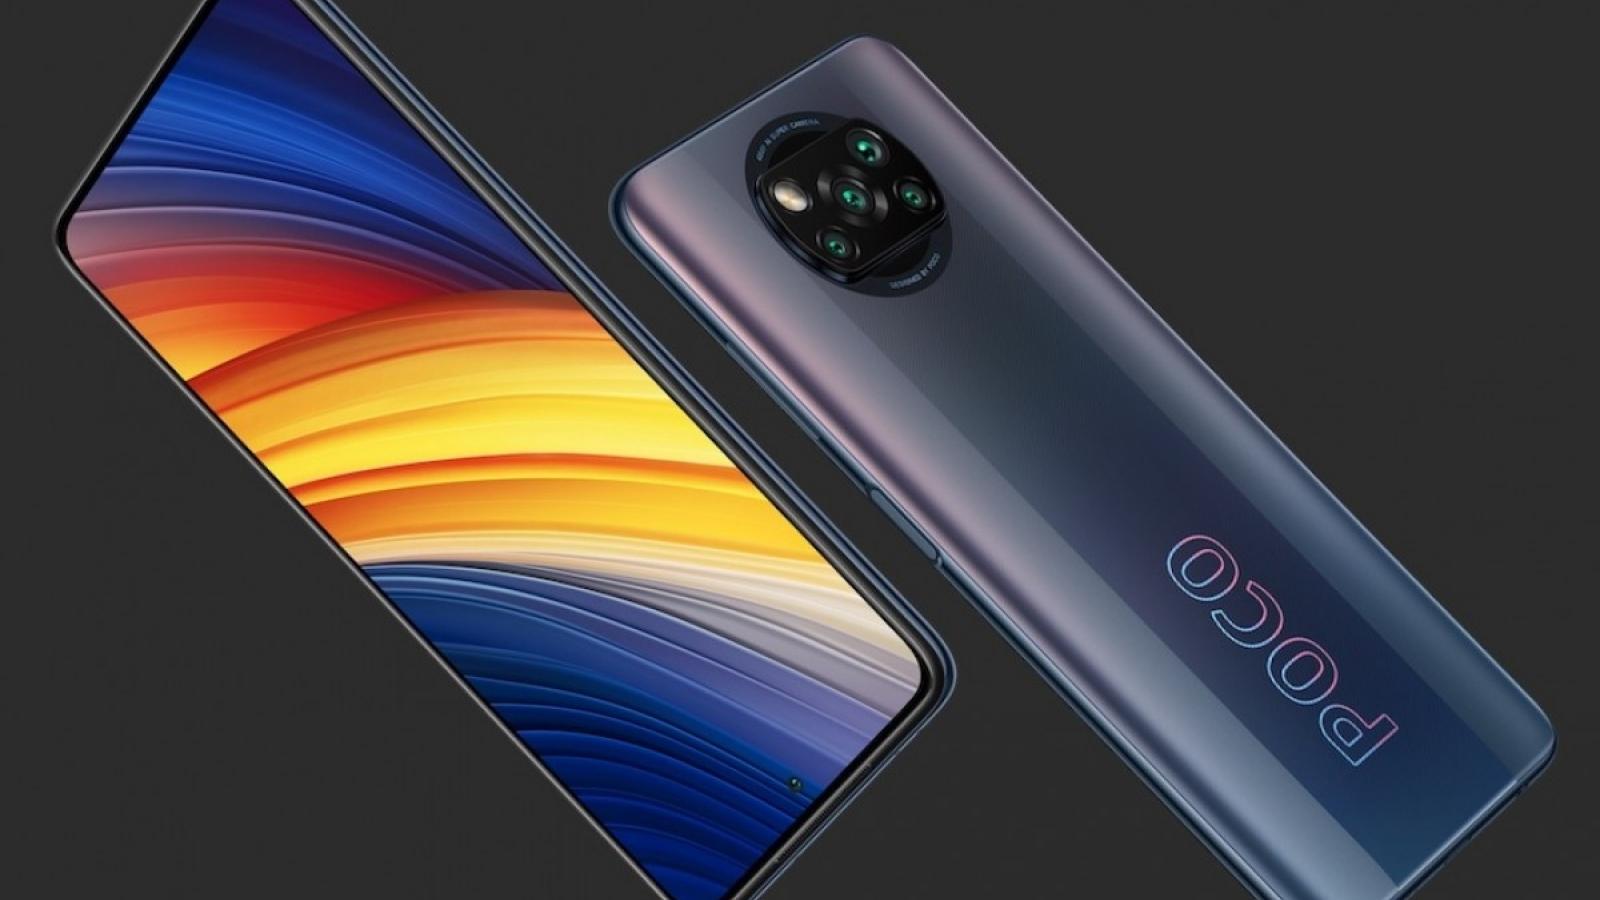 Poco tung bộ đôi smartphone cấu hình ngon, giá chạm sàn